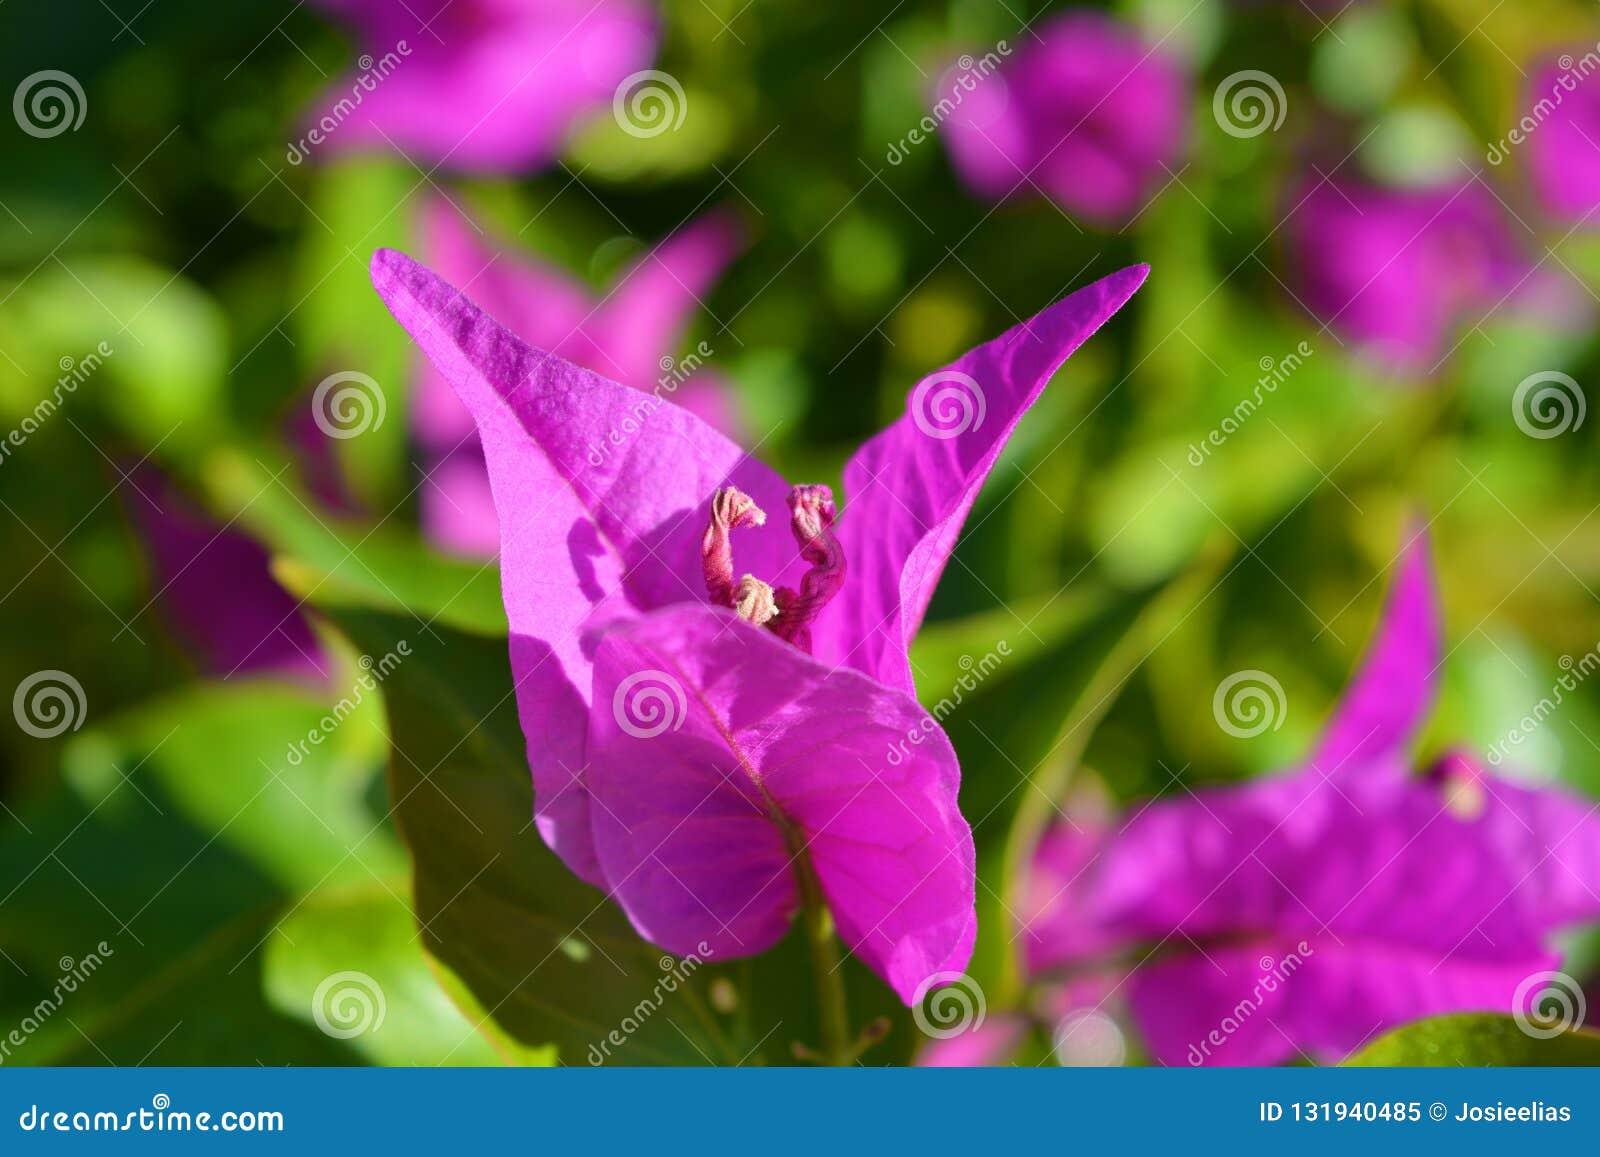 Brattee rosa vibranti di una pianta della buganvillea